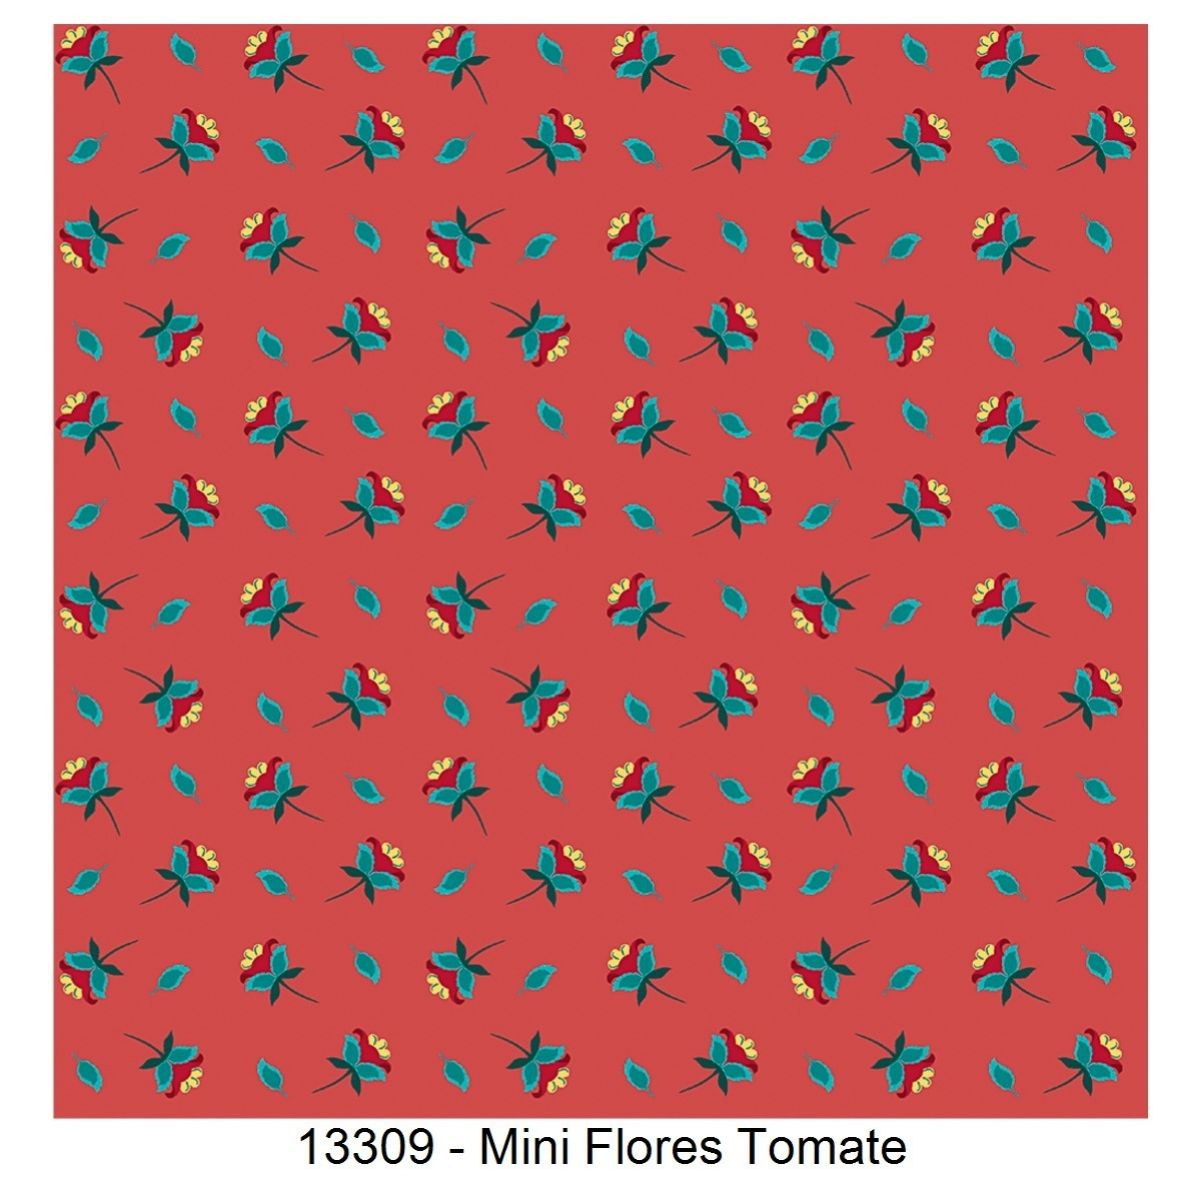 Tecido Tricoline 100% Algodão 0,50 cm x 1,50 m de Largura - Coleção Caleidoscópio